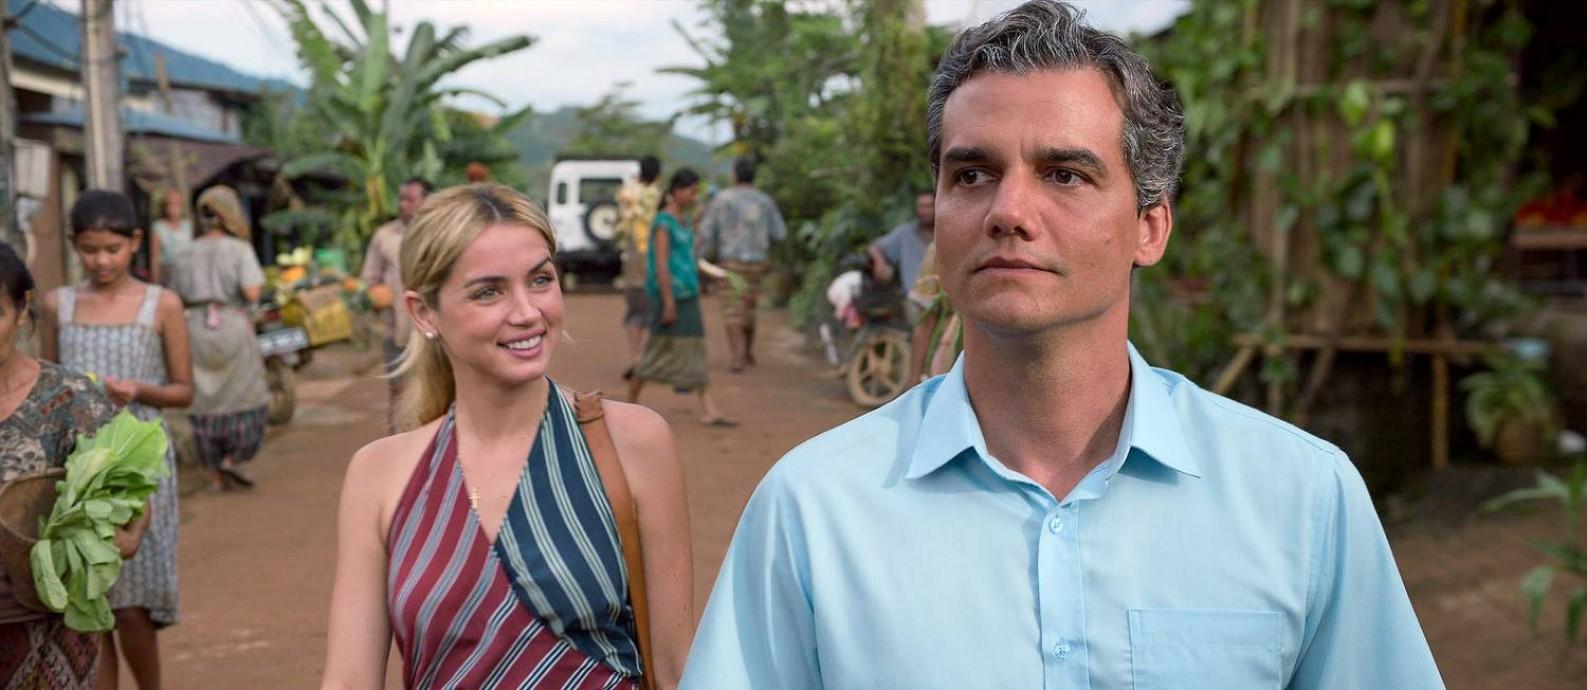 A cubana Ana de Armas e o brasileiro Wagner Moura em 'Sergio', que estreia na Netflix nesta sexta-feira Foto: Netflix